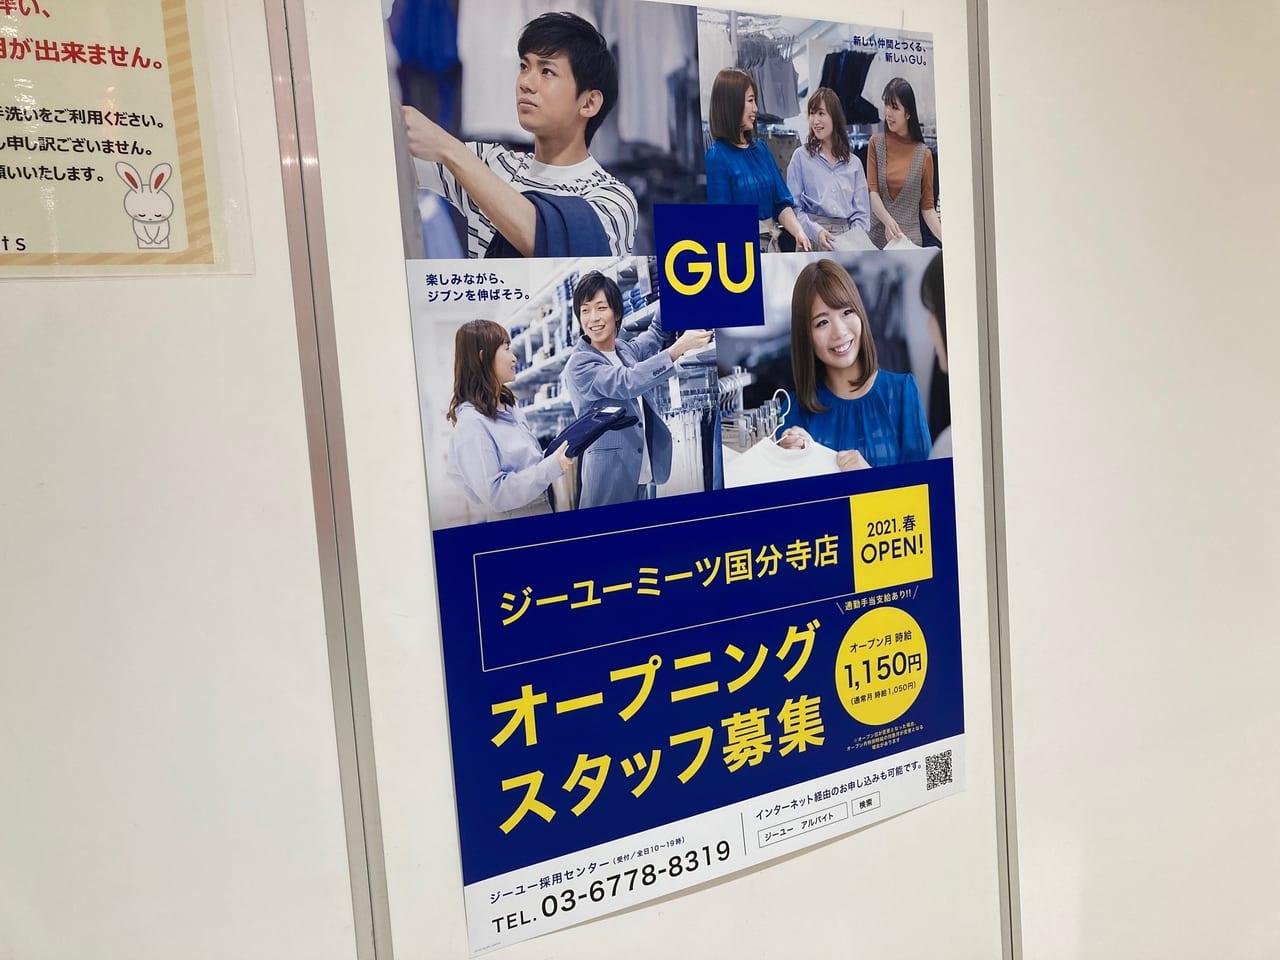 国分寺の駅ビルに『GU』が2021年春オープン予定!場所は先日閉店したあの跡地・・・